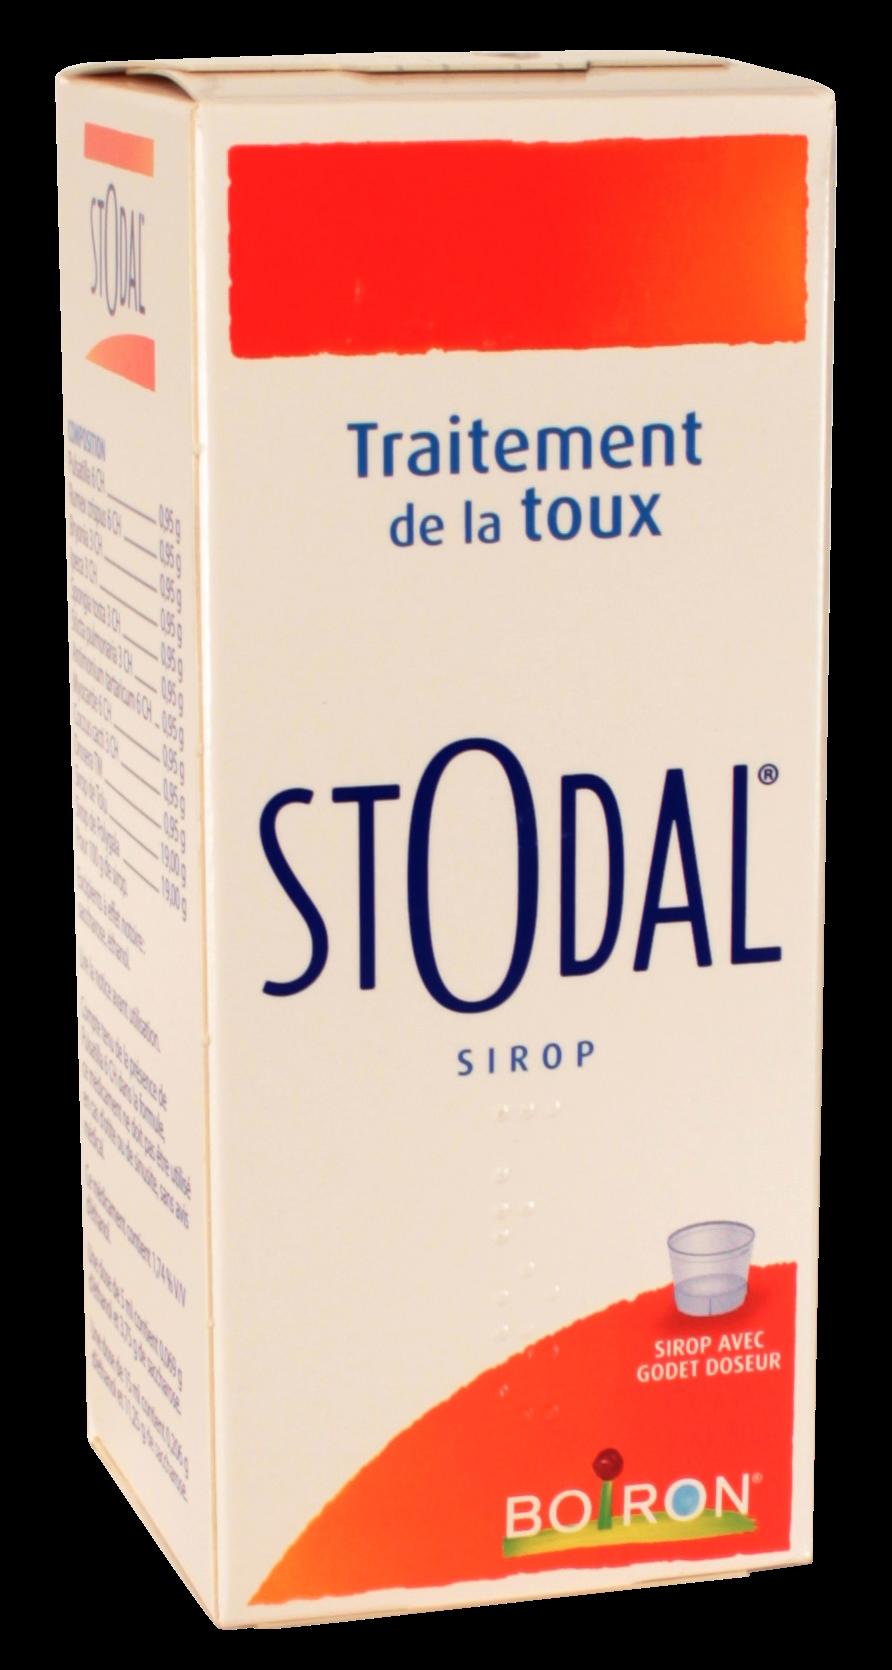 Le sirop Stodal est un traitement homéopathique contre la toux grasse